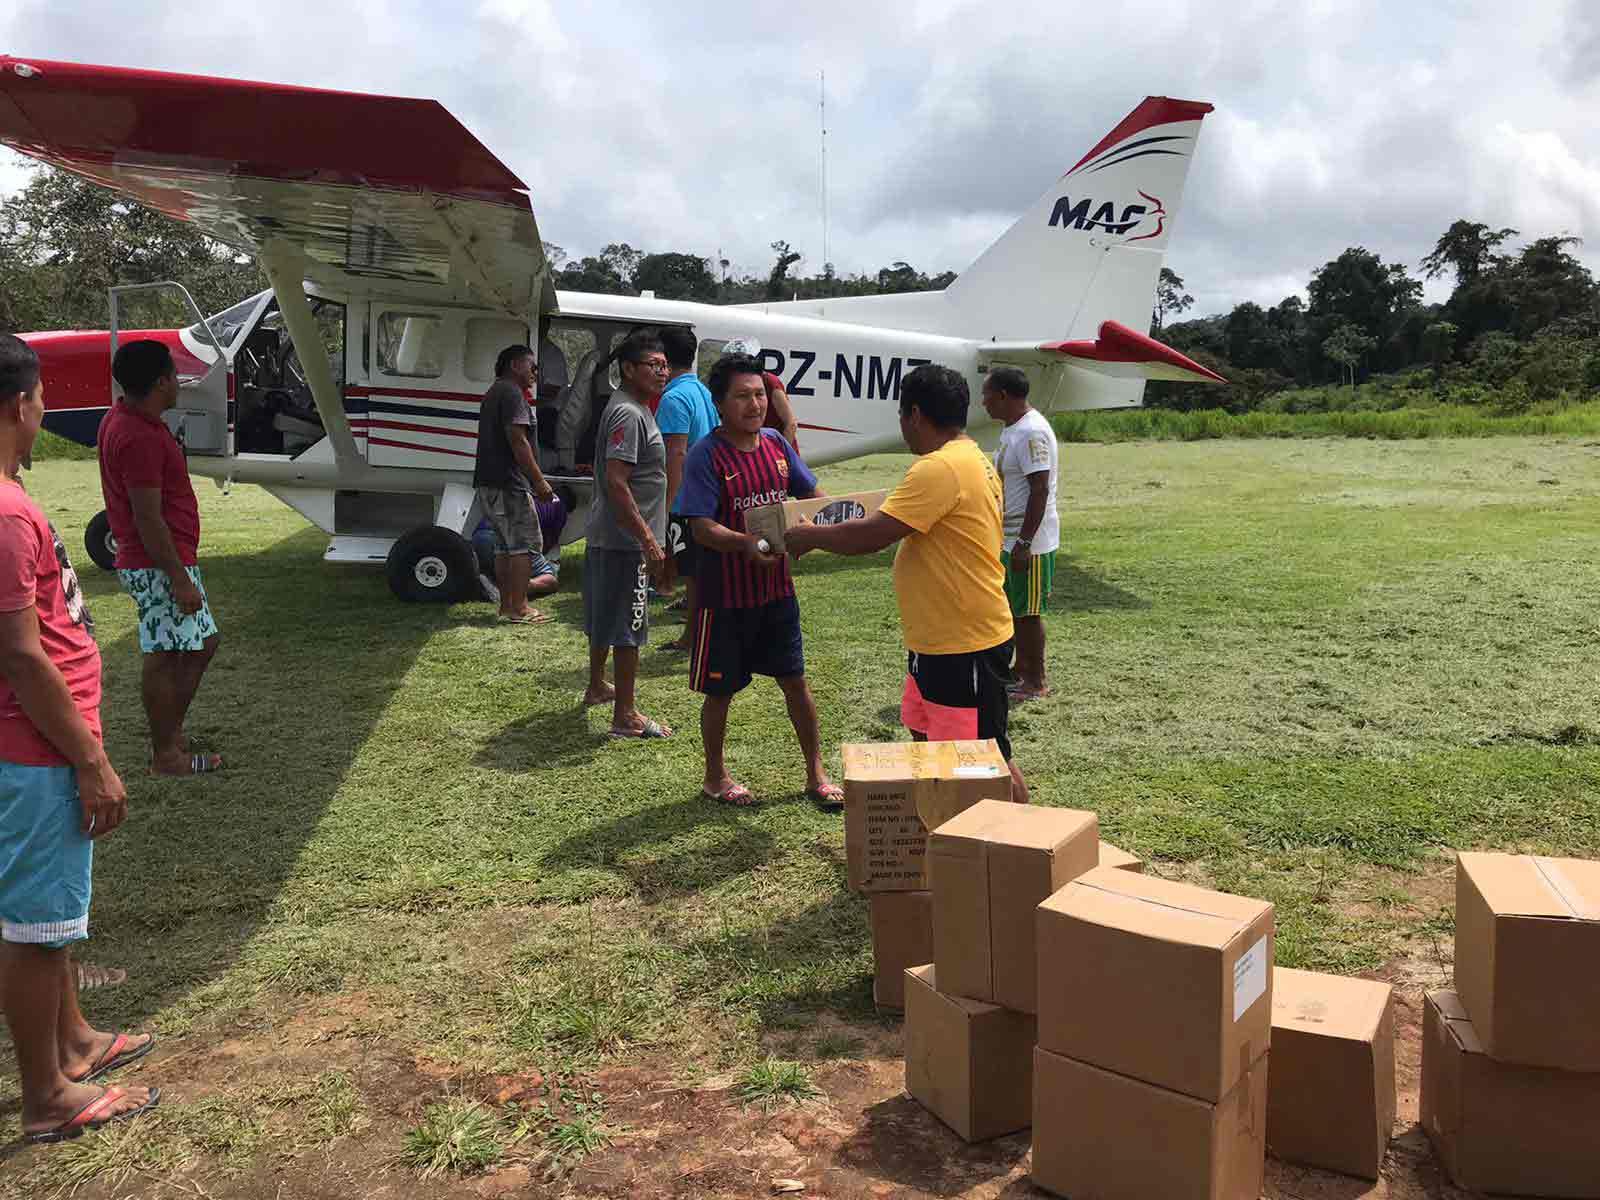 Vliegtuig wordt uitgeladen met Wayana Bijbels